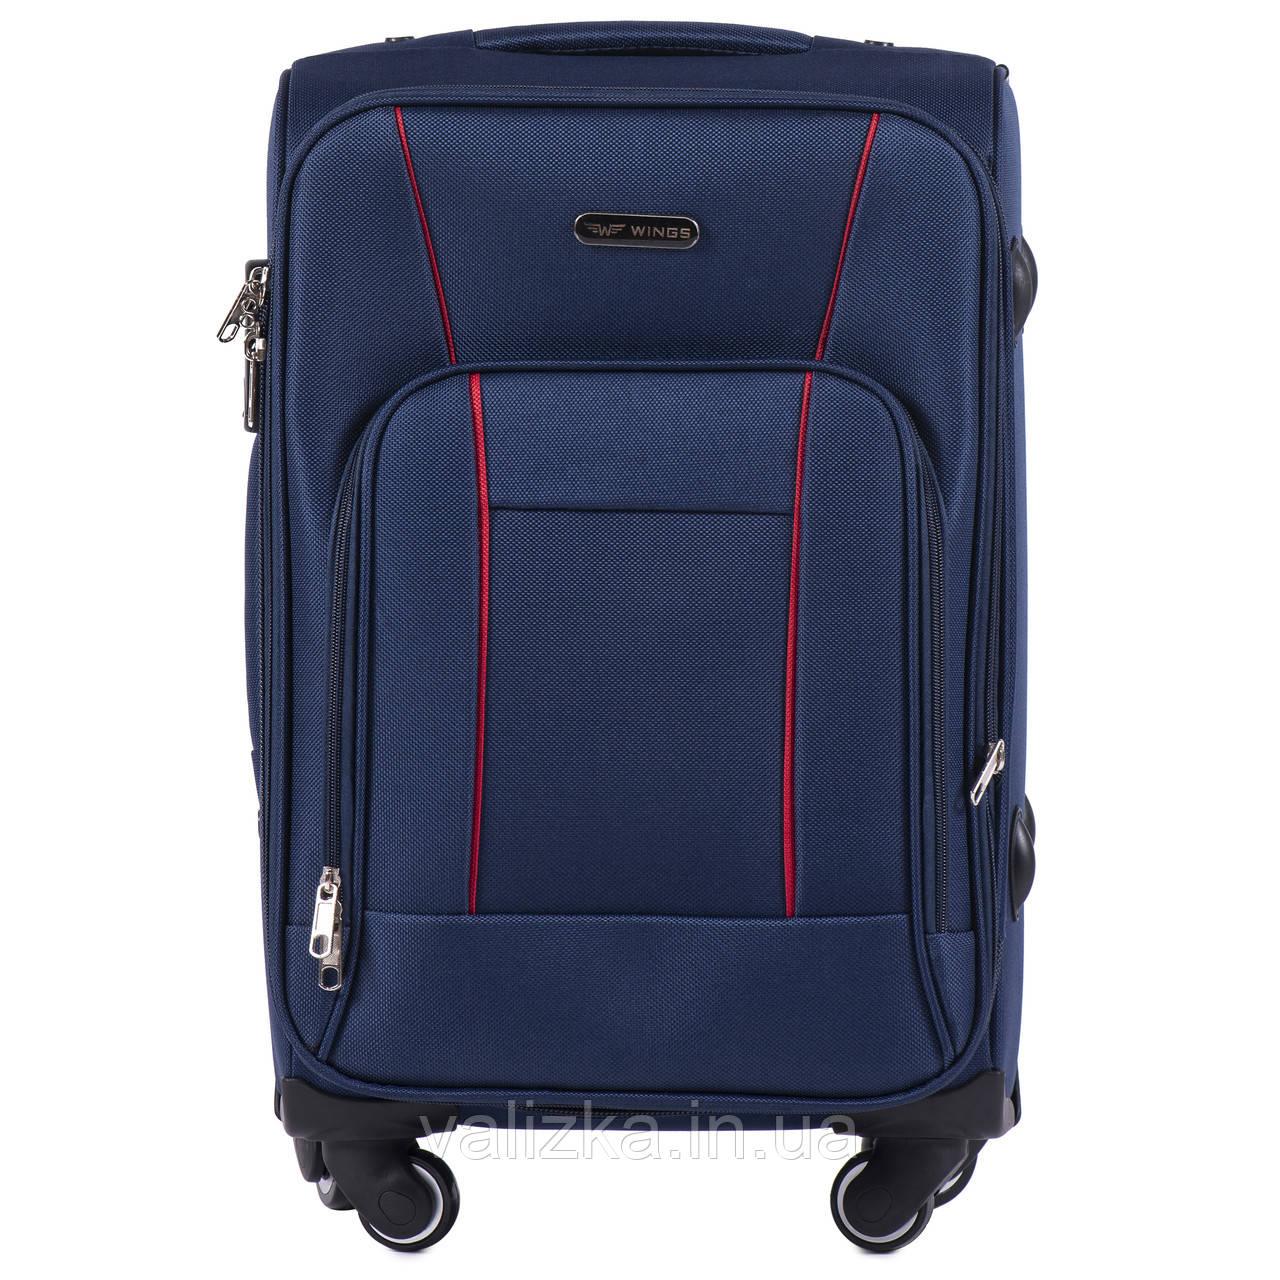 Тканевый чемодан маленький для ручной клади на 4-х колесах Wings 1609 синего цвета